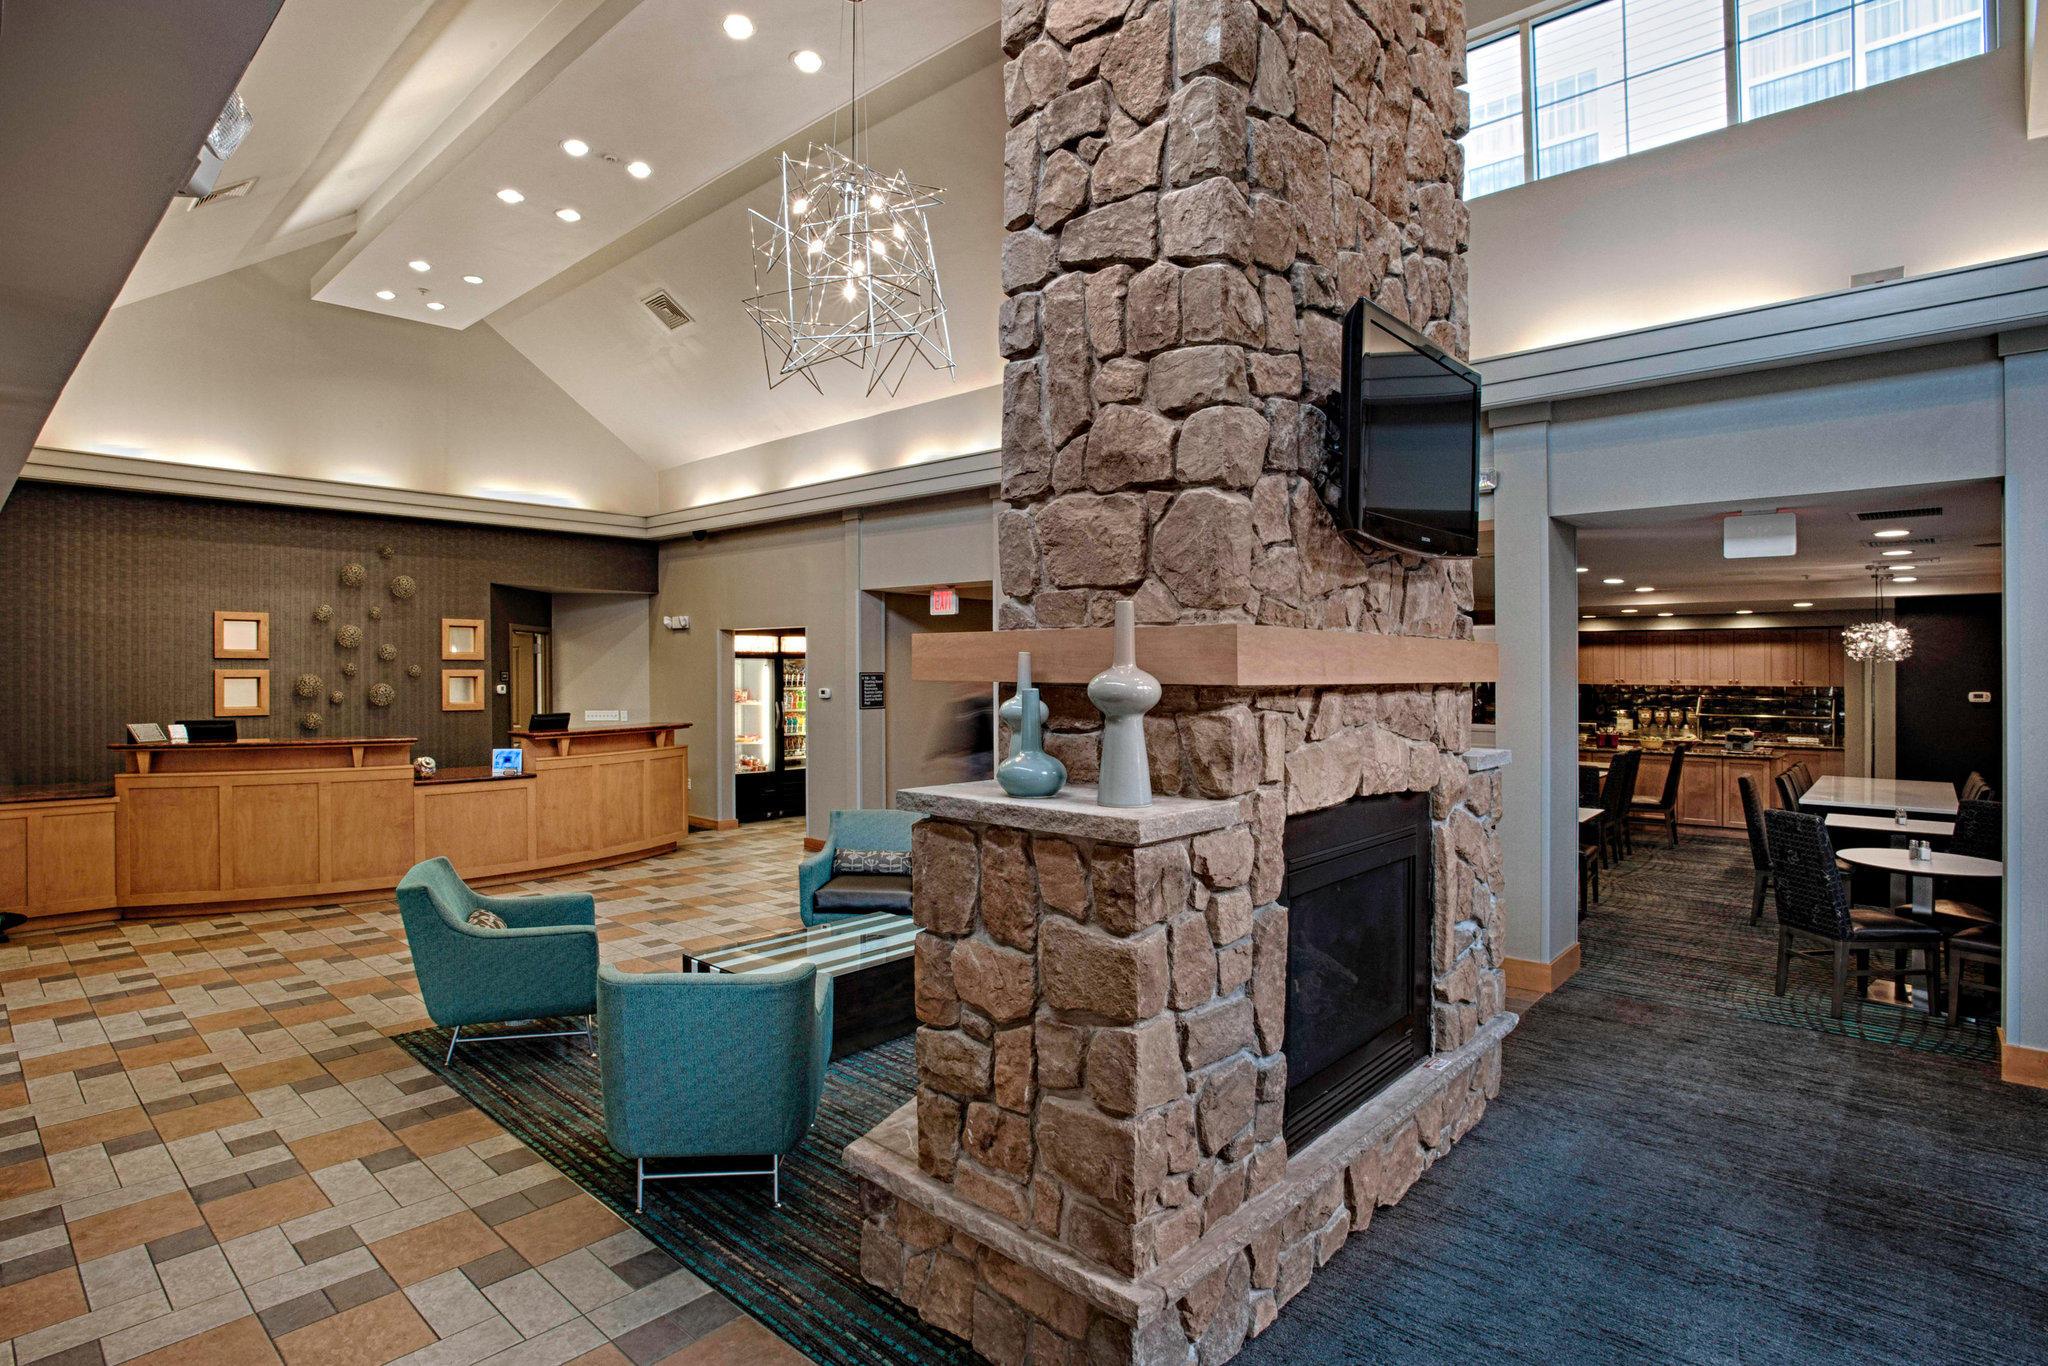 Residence Inn by Marriott Atlantic City Airport Egg Harbor Township